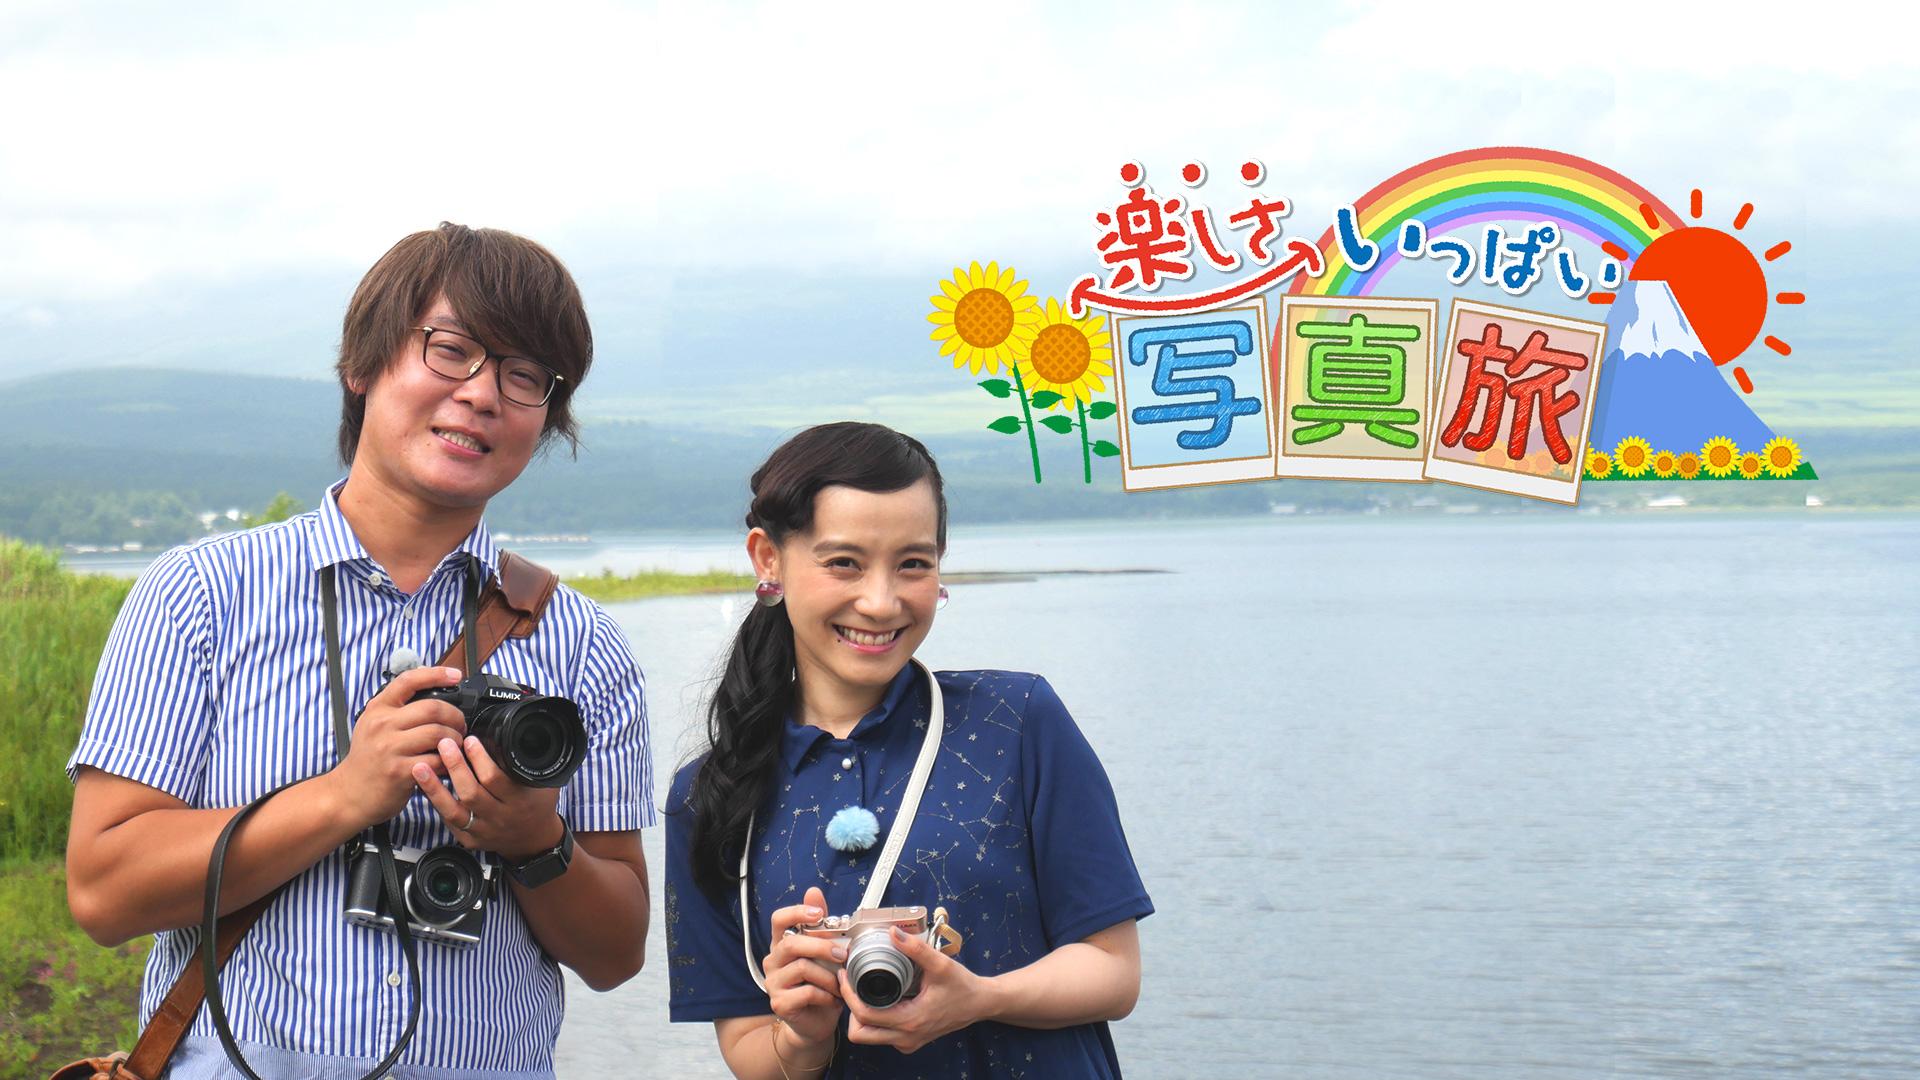 楽しさいっぱい写真旅 自然絶景!富士山スペシャル